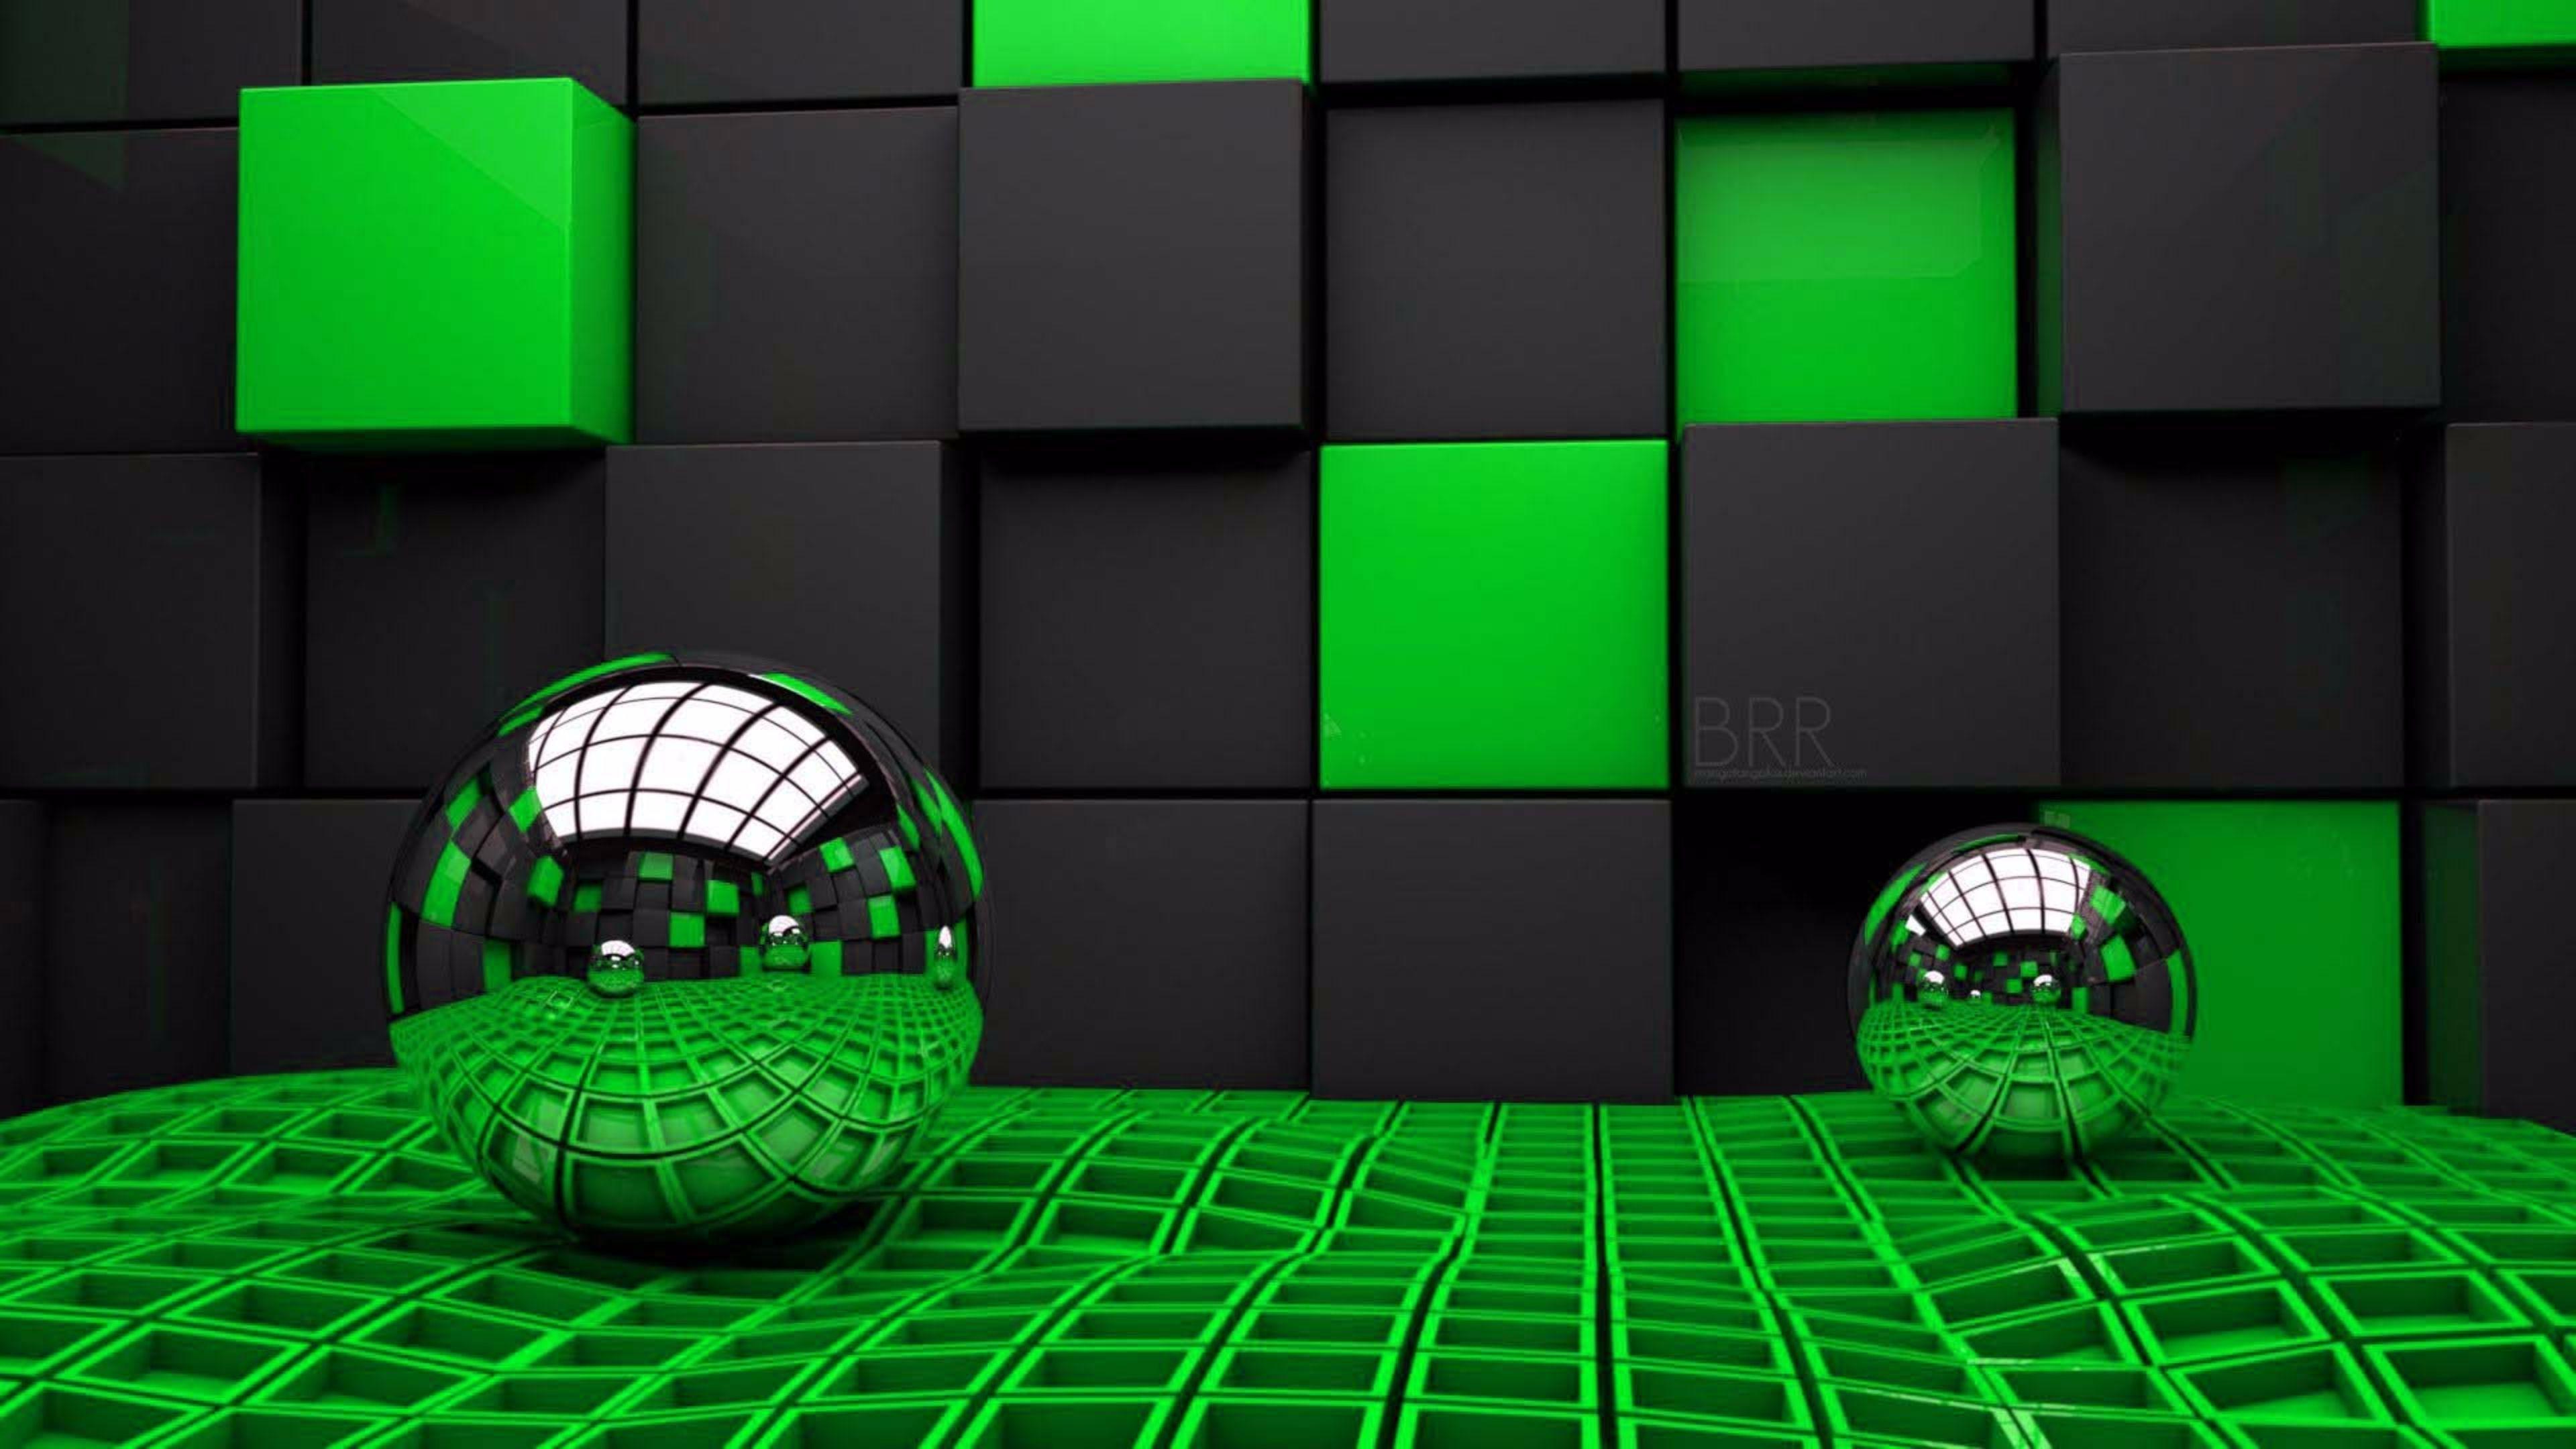 خلفيات كمبيوتر ثلاثية الأبعاد 3d Wallpapers Desktop Backgrounds Tecnologis Desktop Background Pictures 3d Background Hd Wallpapers 3d